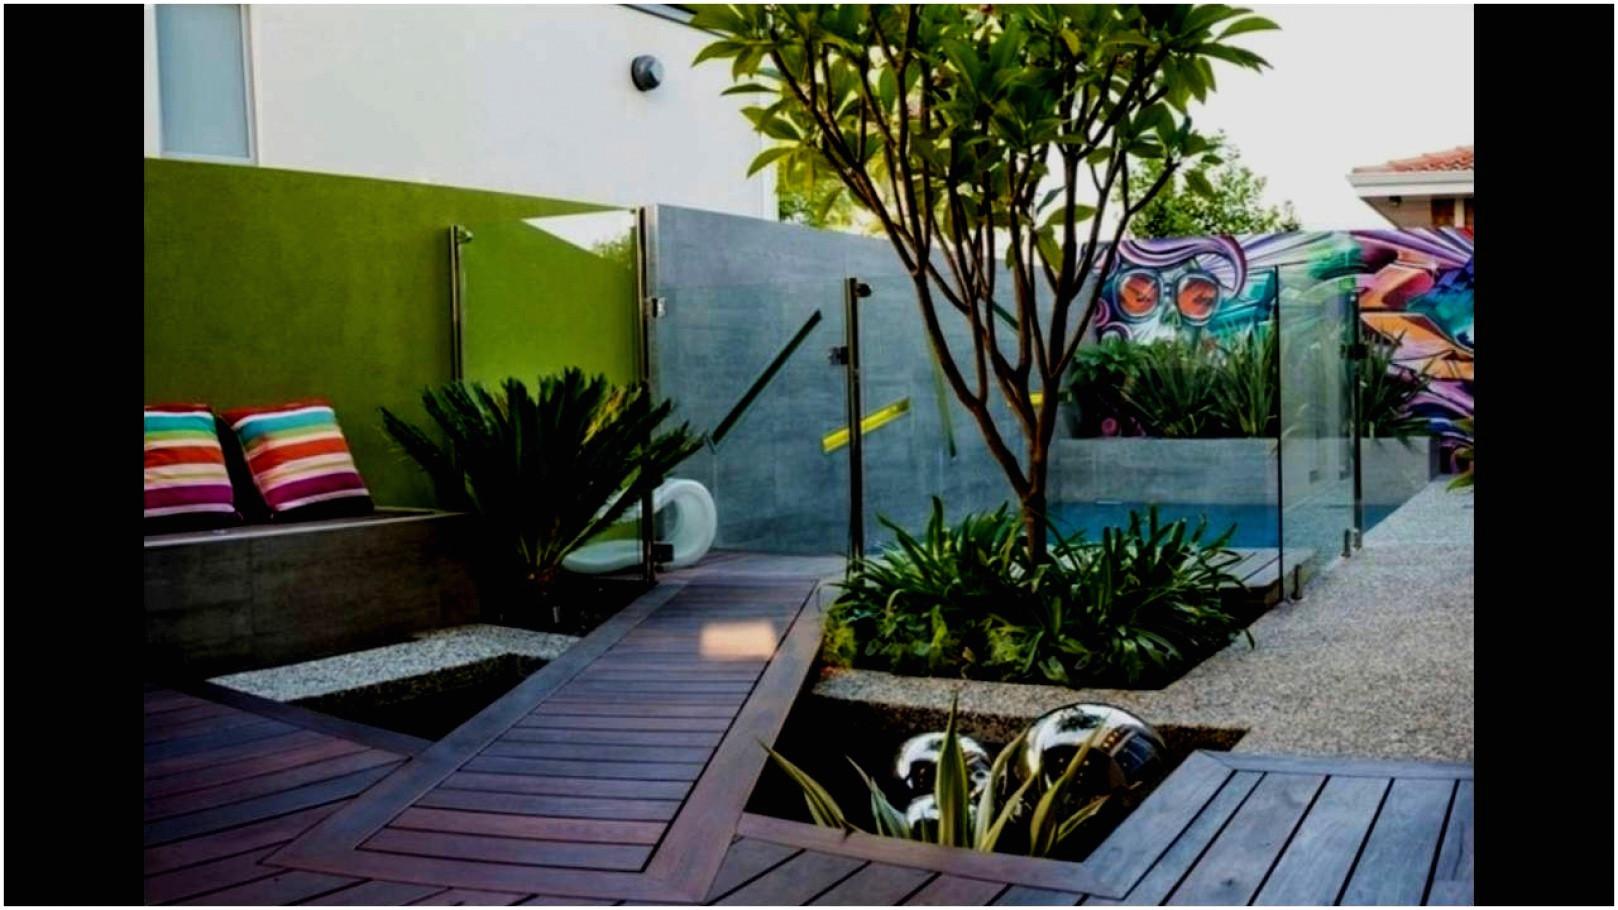 nuevo de jardines pequenos con piscina dise o peque os la casa with jardines pequeos de casas fotos